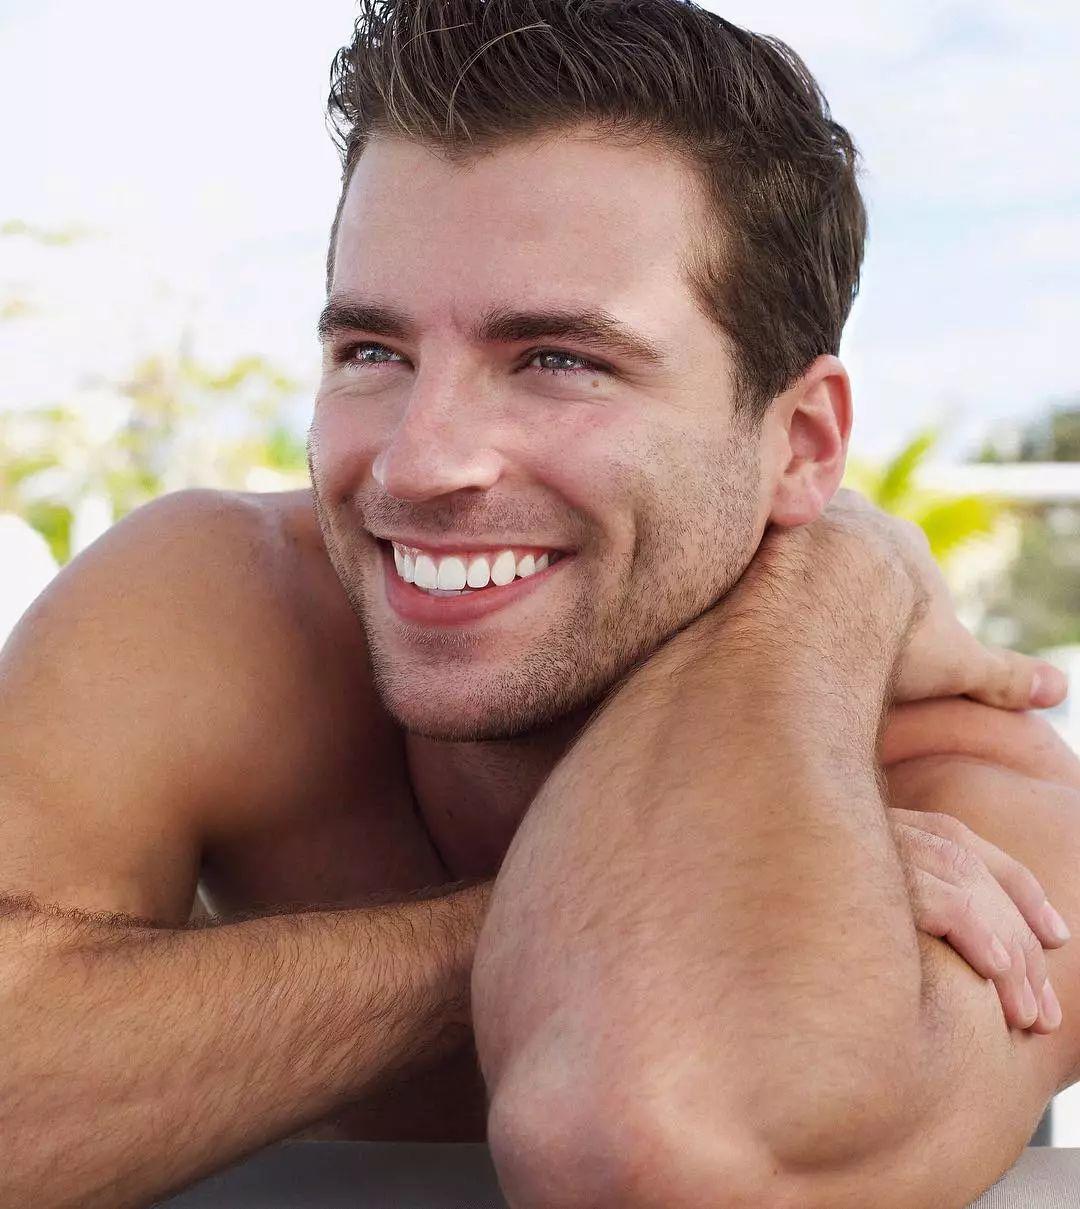 加州男孩Taylor Phillips疑似出柜!火热肉体甜美笑容,我已沦陷!